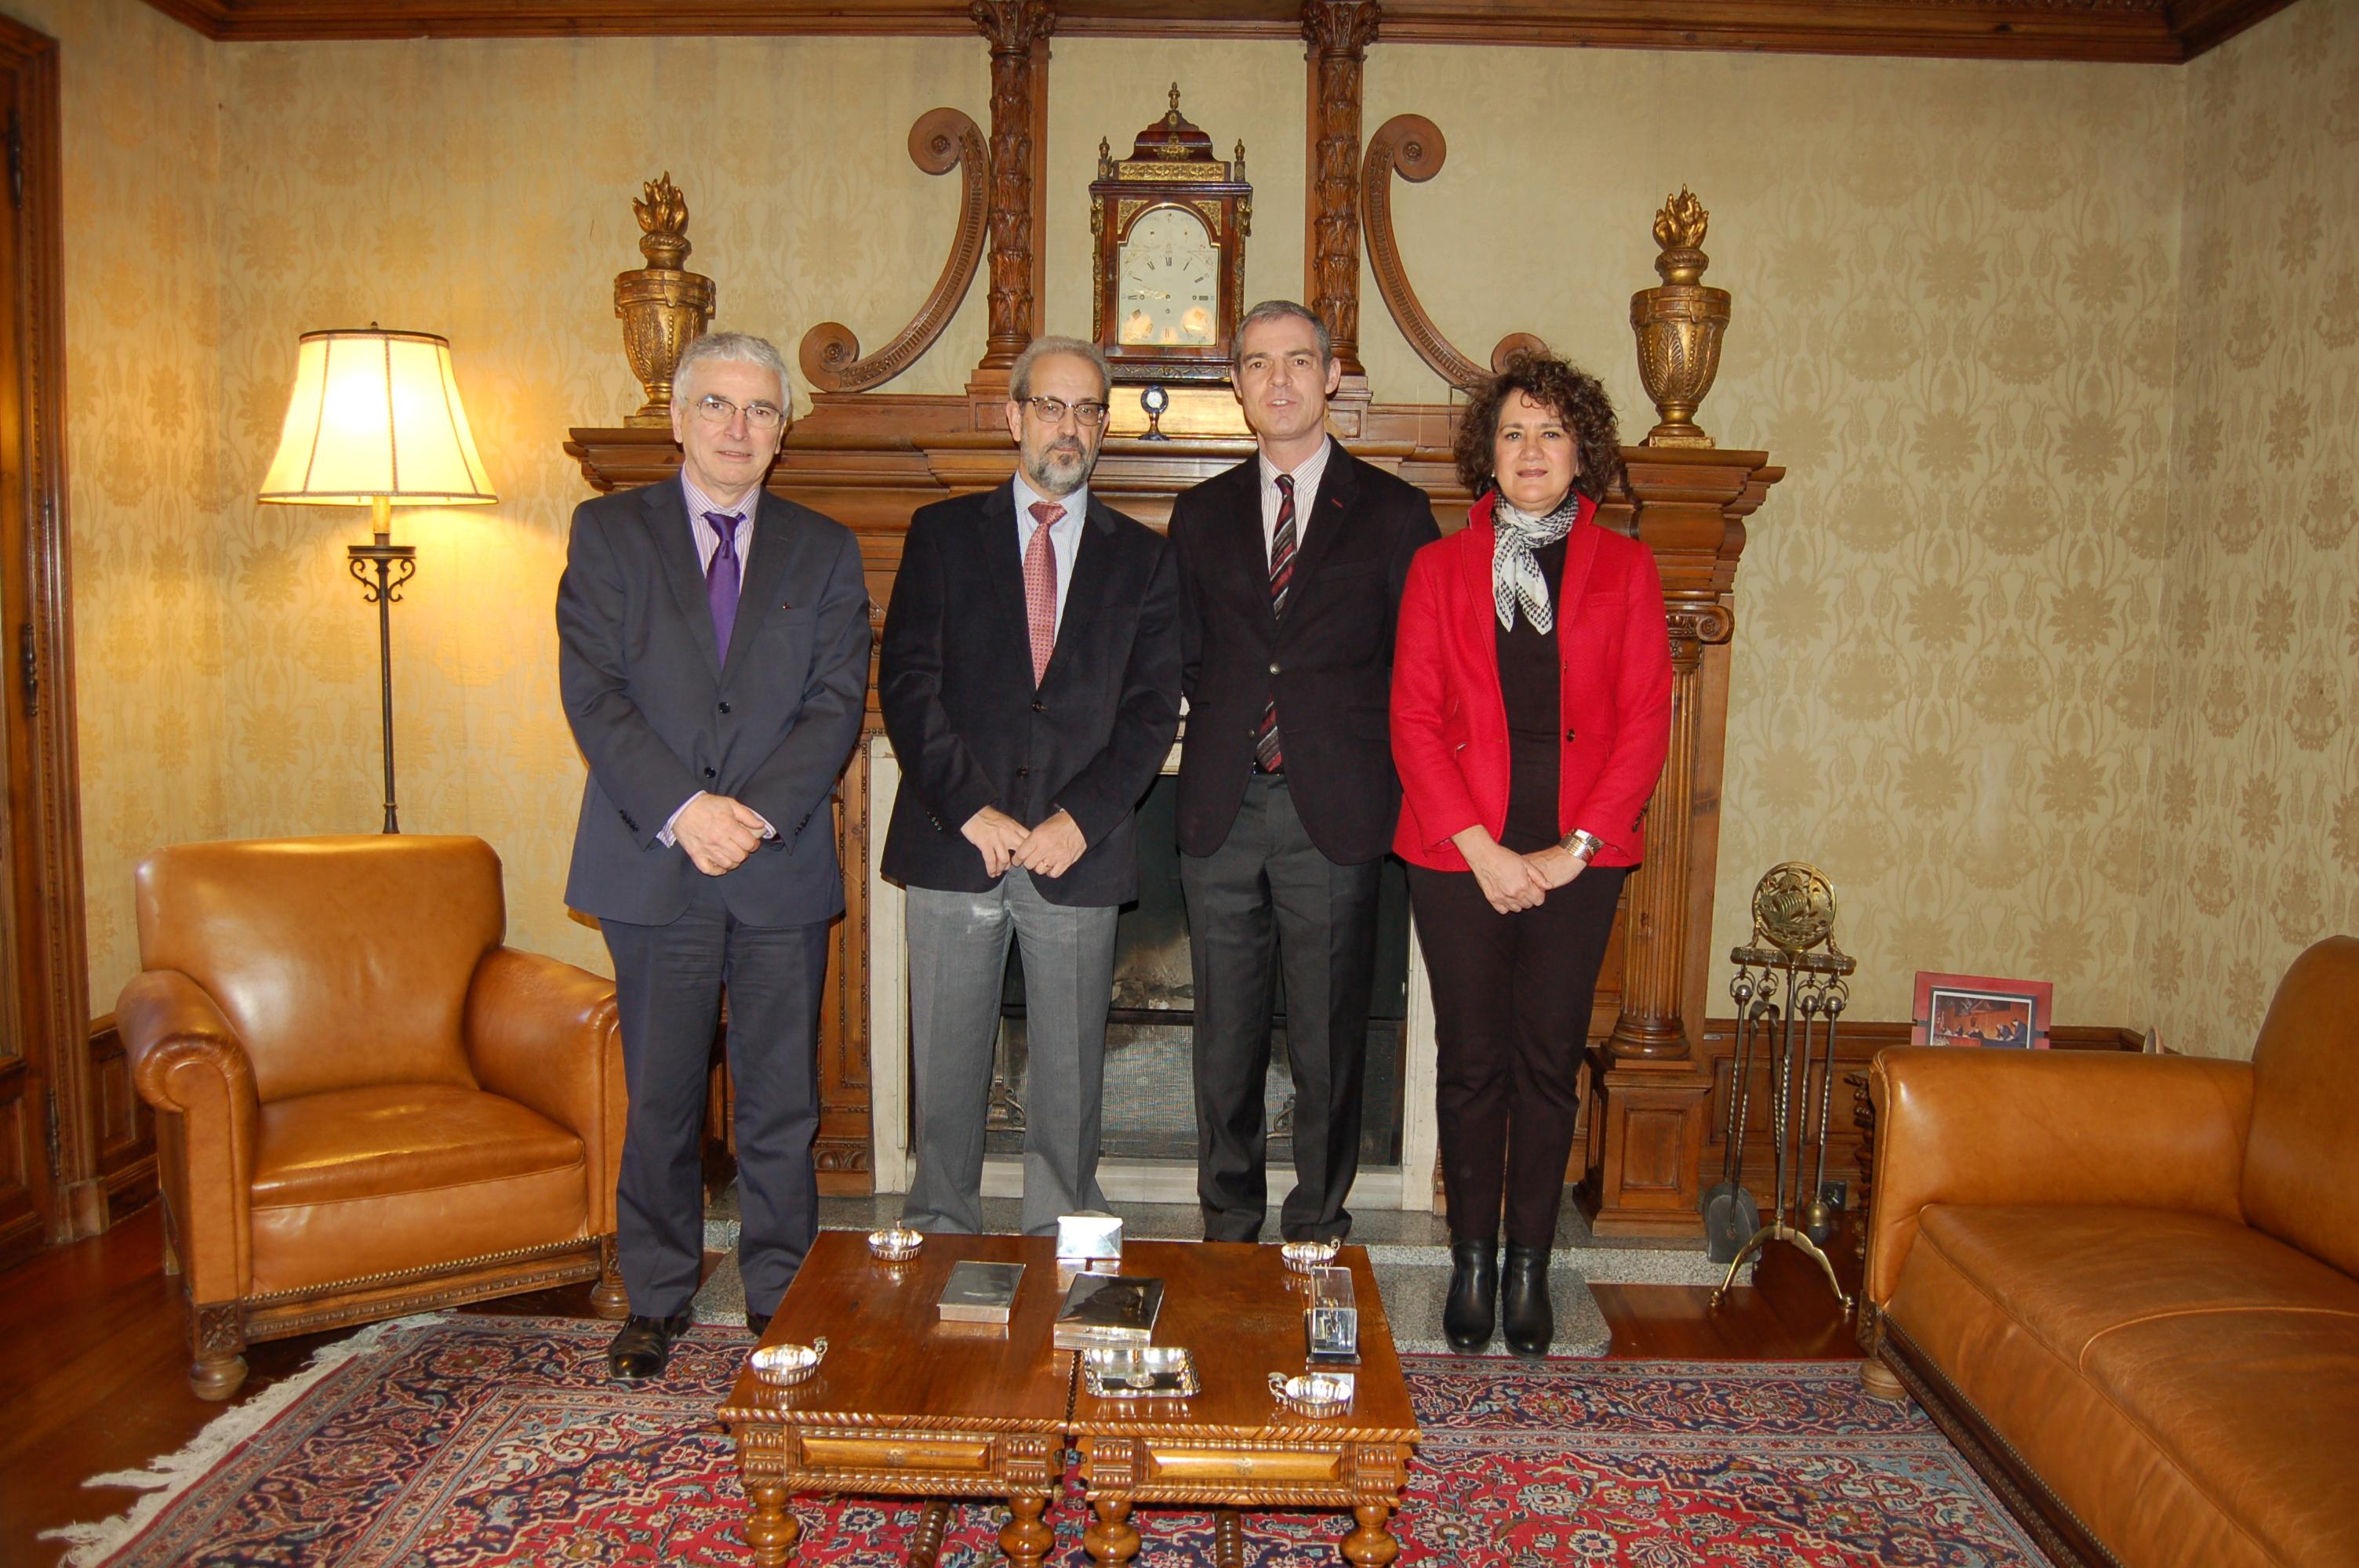 El embajador de Francia en España, Jérôme Bonnafont, ofrece una conferencia sobre el papel de ambos países  frente a desafíos futuros en Europa